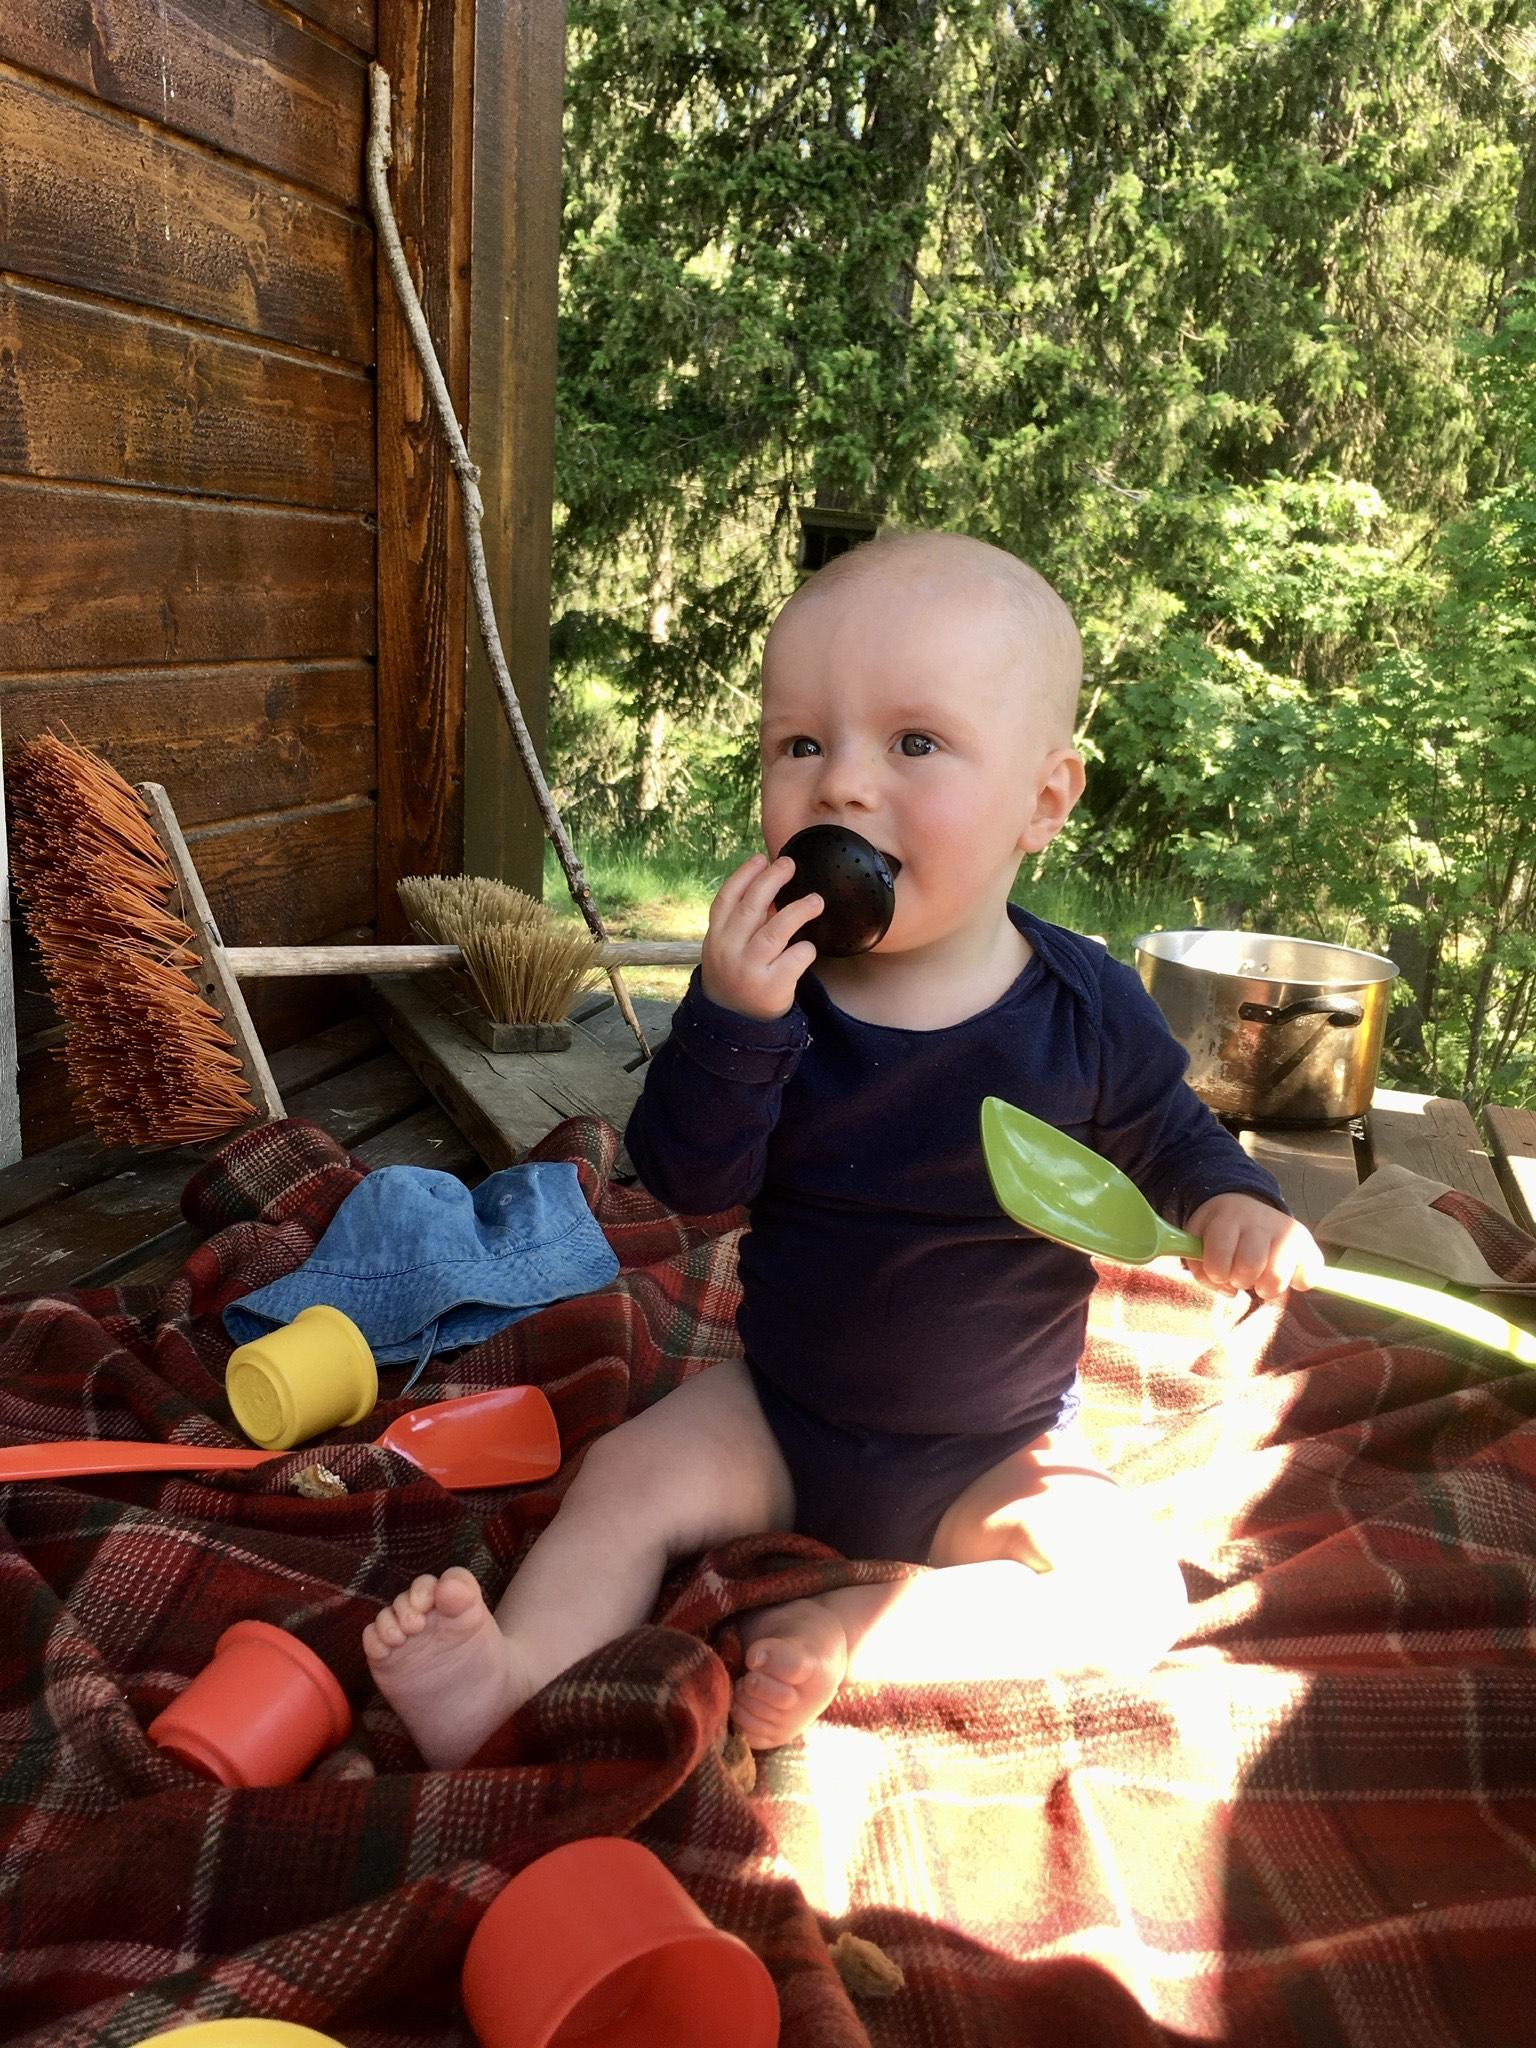 IMG 5611 - Bijzondere verhalen #19 - Anouks zoon Timo heeft een aangeboren hartafwijking